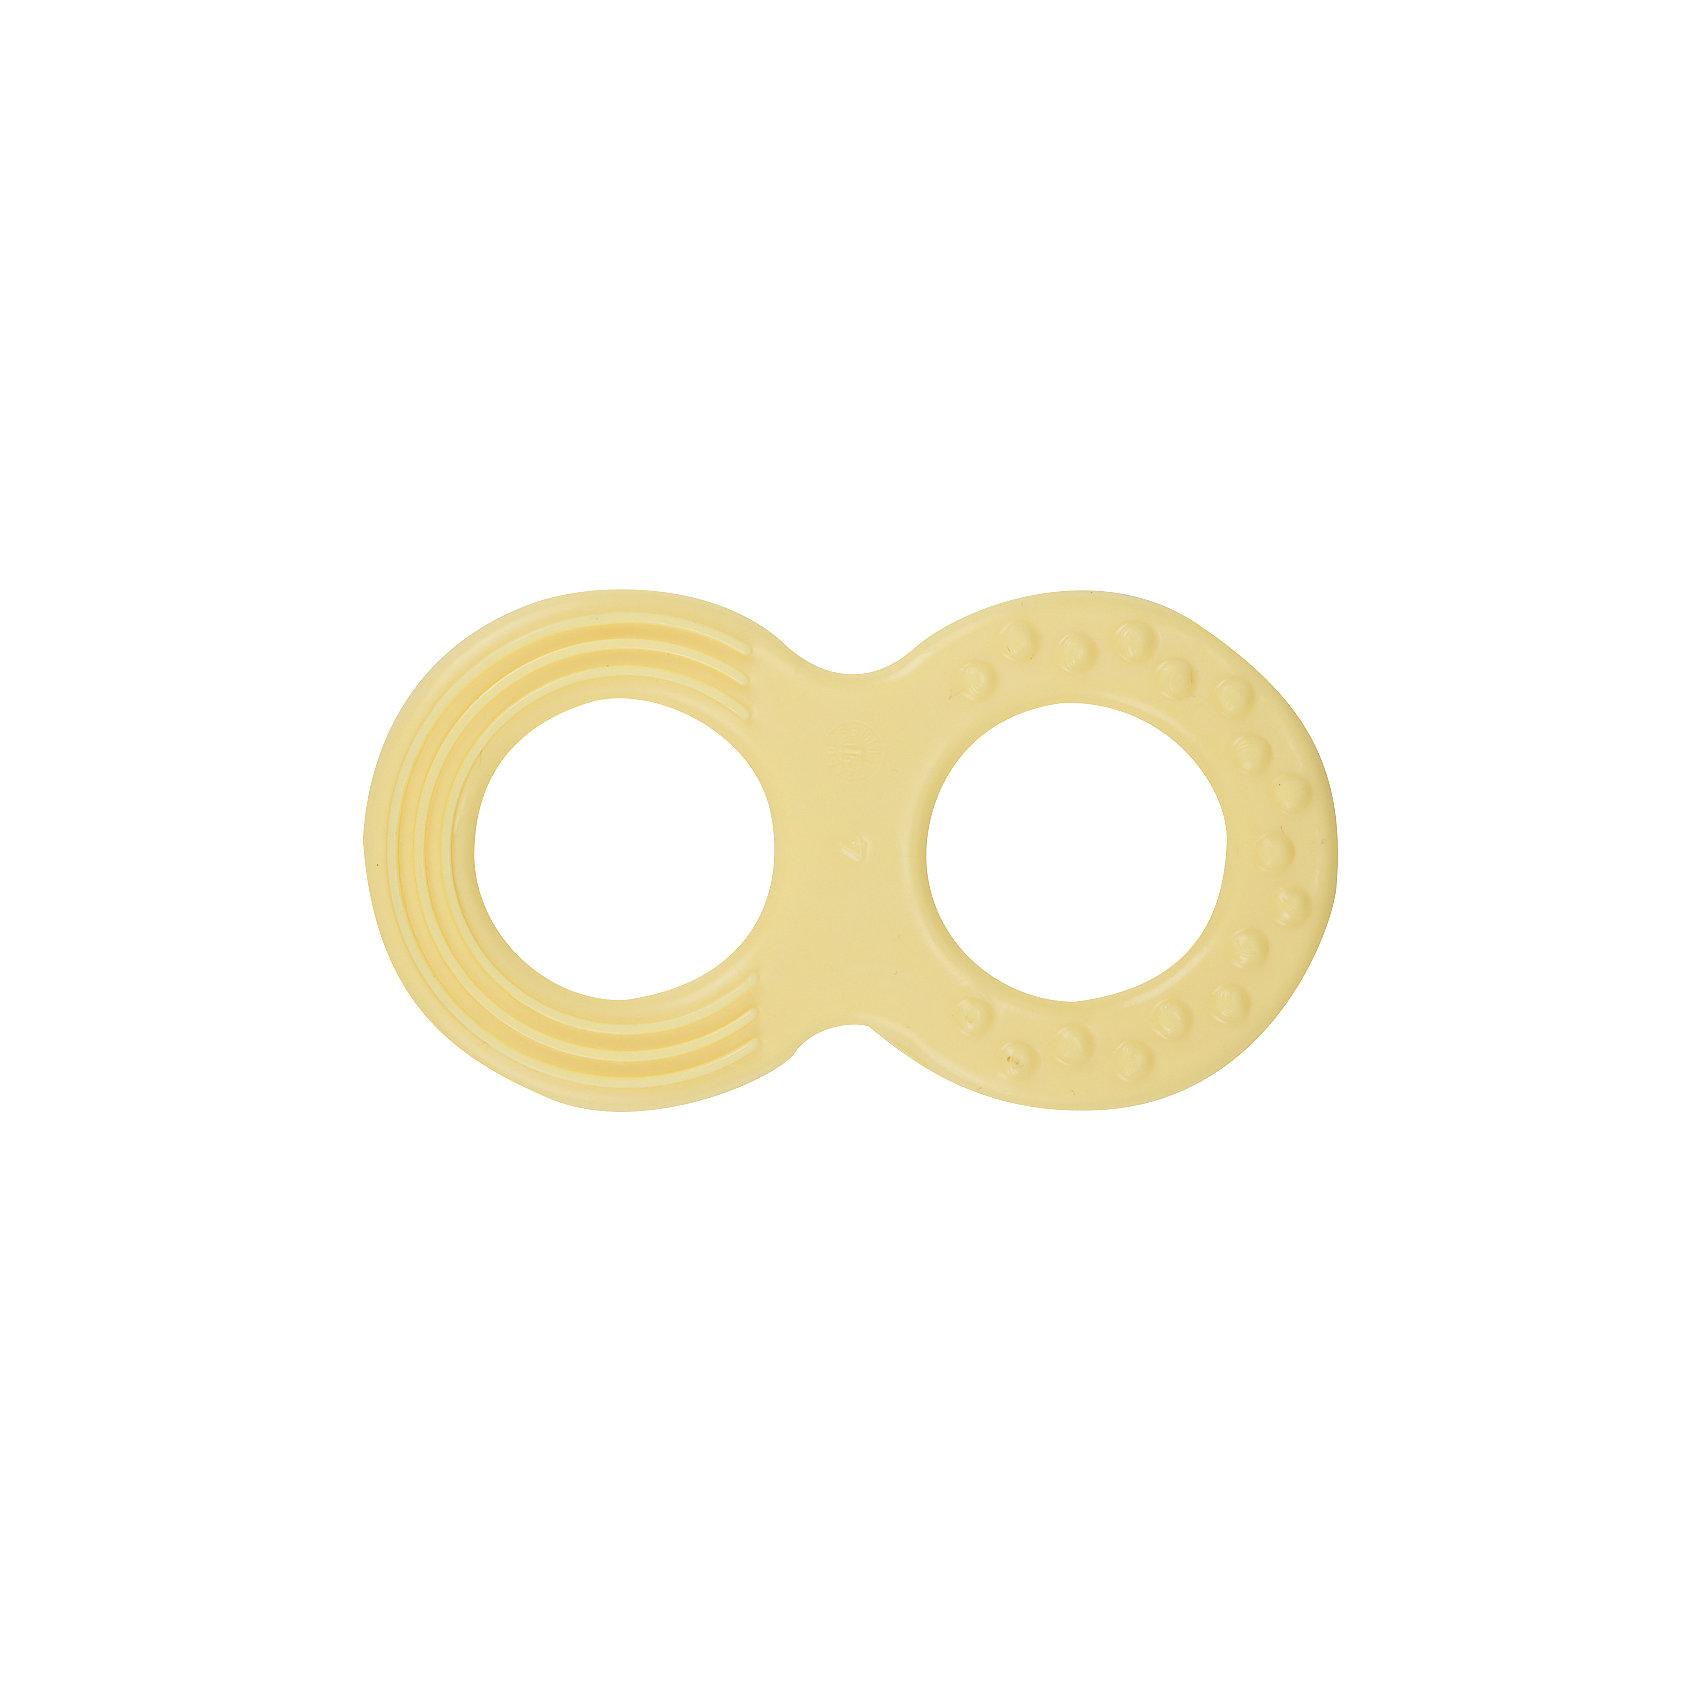 Прорезыватель Восьмерка, Kurnosiki, желтыйПрорезыватели<br>Характеристики:<br><br>• Наименование: прорезыватель<br>• Пол: универсальный<br>• Материал: пластик<br>• Цвет: желтый<br>• Наличие выпуклых элементов разной формы и фактуры <br>• Вес: 50 г<br>• Параметры (Д*Ш*В): 9*5*0,5 см <br>• Упаковка: блистер c с европодвесом<br><br>Игрушка Восьмерка, Kurnosiki, желтый выполнена из пластика. Корпус прорезывателя представляет собой восьмерку. Поверхность игрушки с выпуклыми элементами различной формы обеспечивает массаж десен и развитие тактильного восприятия. <br><br>Прорезыватель имеет эргономичную форму, благодаря чему малышу будет удобно не только держать в руках, но и развивать хватательный рефлекс. Игрушка имеет легкий вес и компактный размер, благодаря чему ее удобно брать с собой на прогулки или в поездки.<br><br>Игрушку Восьмерку, Kurnosiki, желтый можно купить в нашем интернет-магазине.<br><br>Ширина мм: 10<br>Глубина мм: 120<br>Высота мм: 170<br>Вес г: 29<br>Возраст от месяцев: 4<br>Возраст до месяцев: 18<br>Пол: Унисекс<br>Возраст: Детский<br>SKU: 5428671